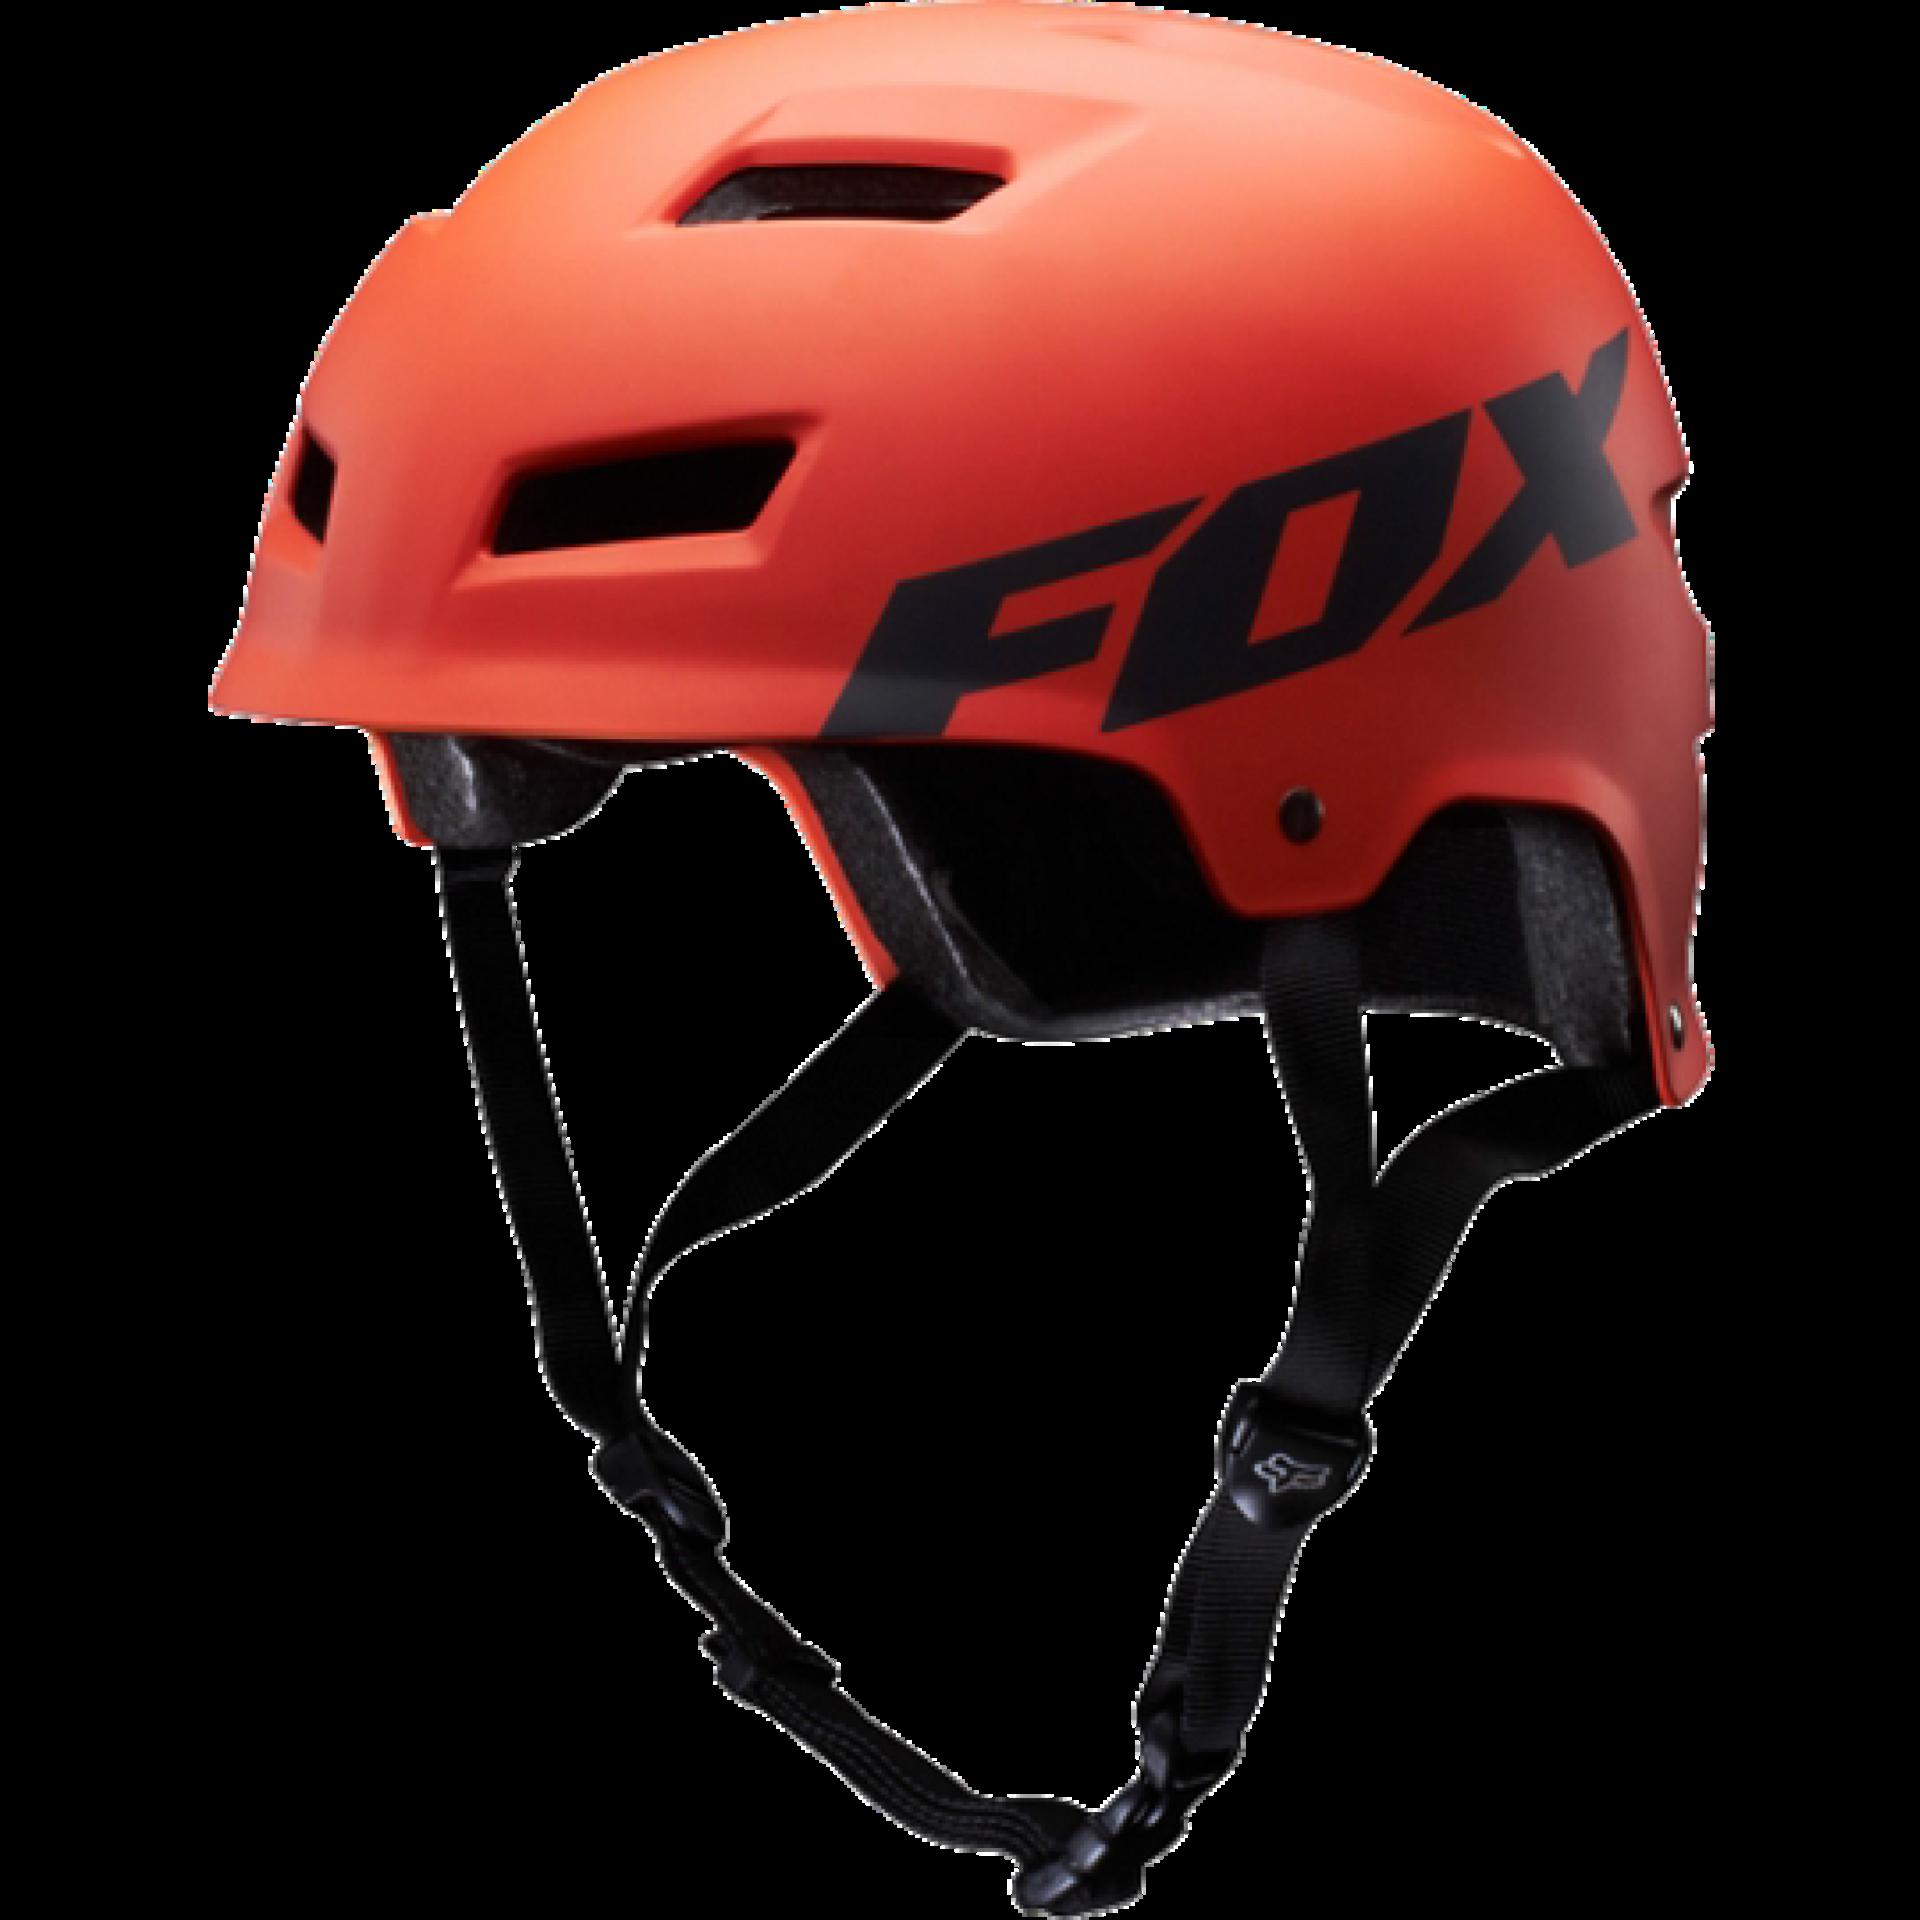 Kask rowerowy Foxhead Transition Hardshell Helmet pomarańczowy przód